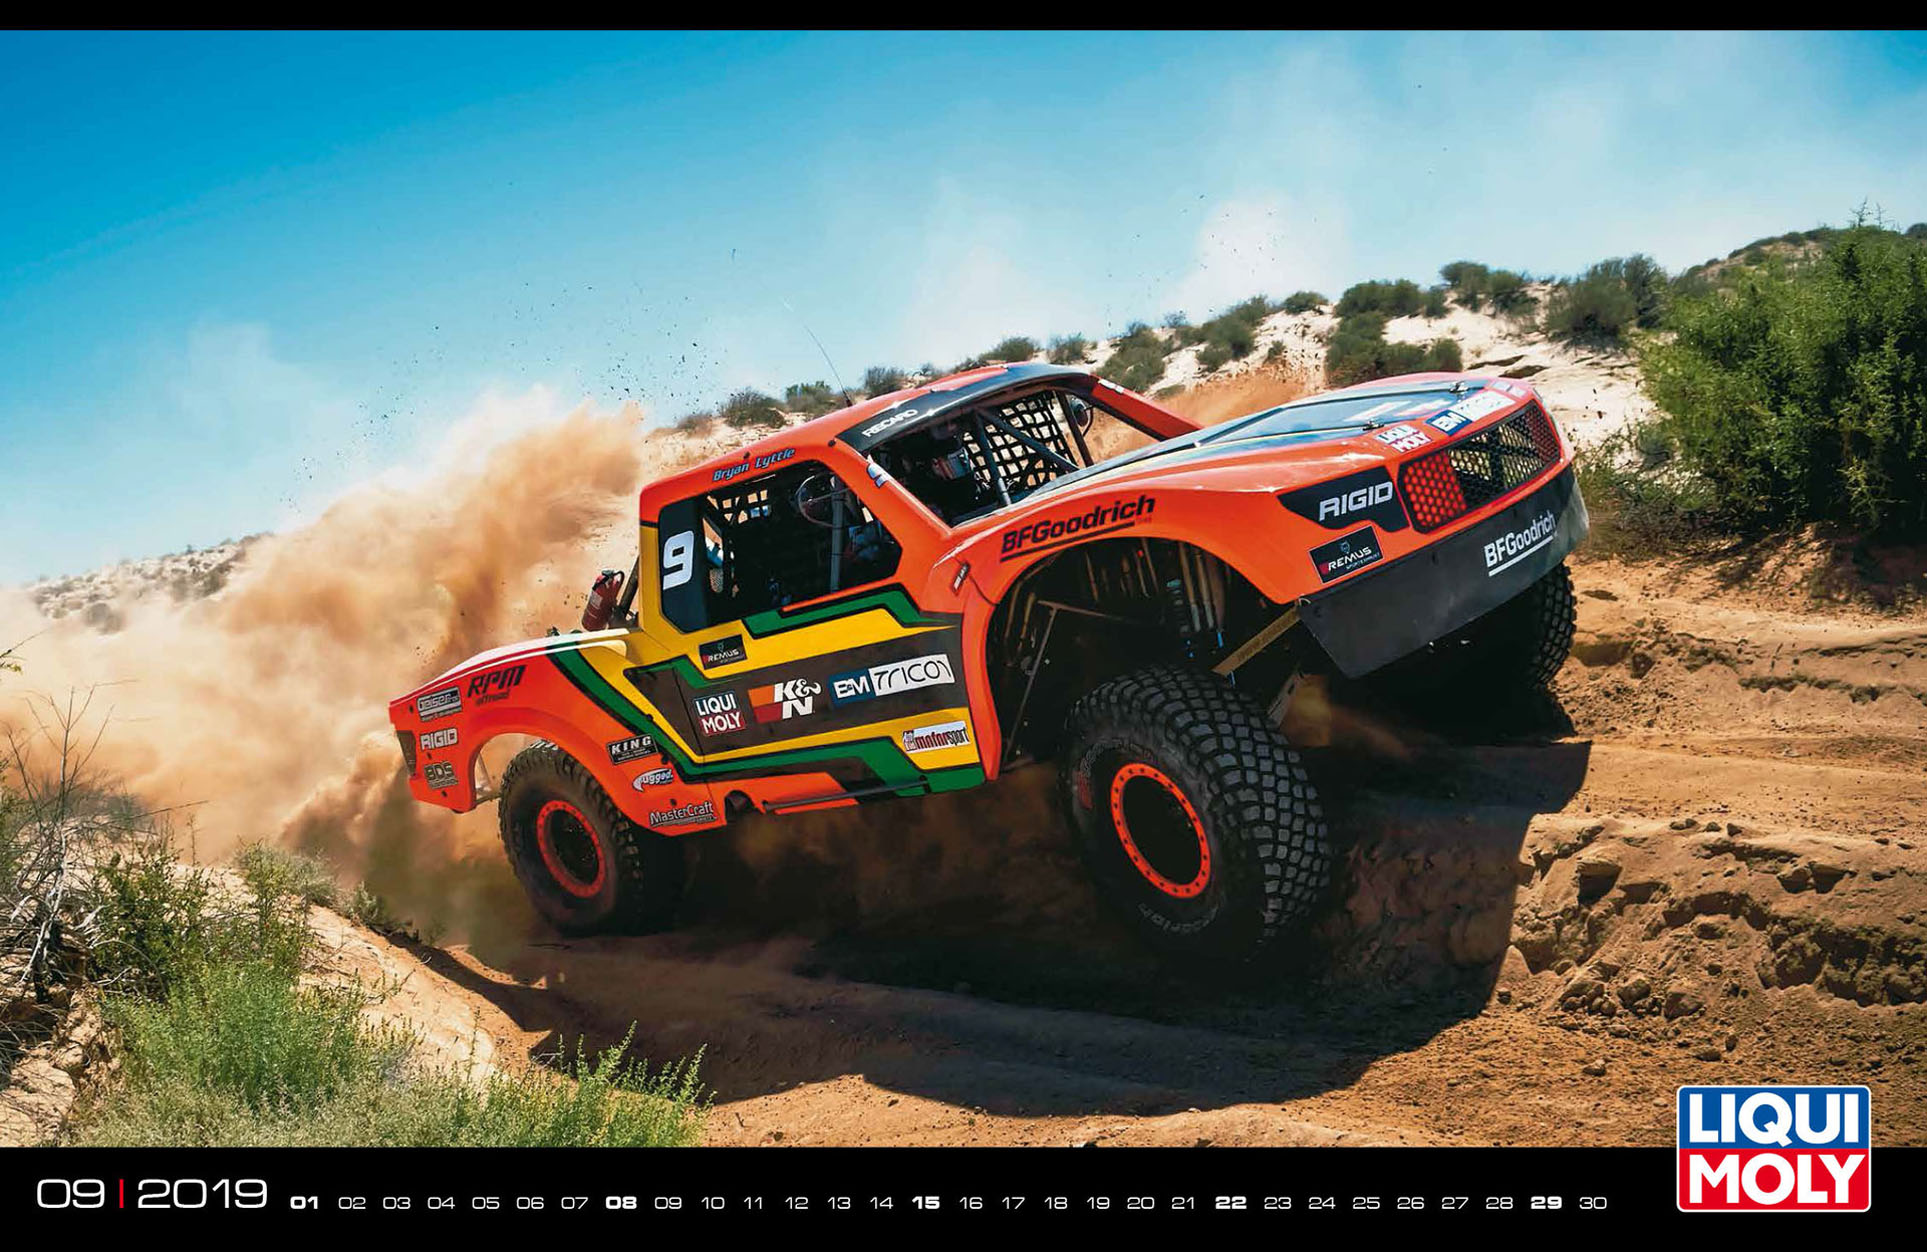 Liqui Moly MotorSport 2019 calendar